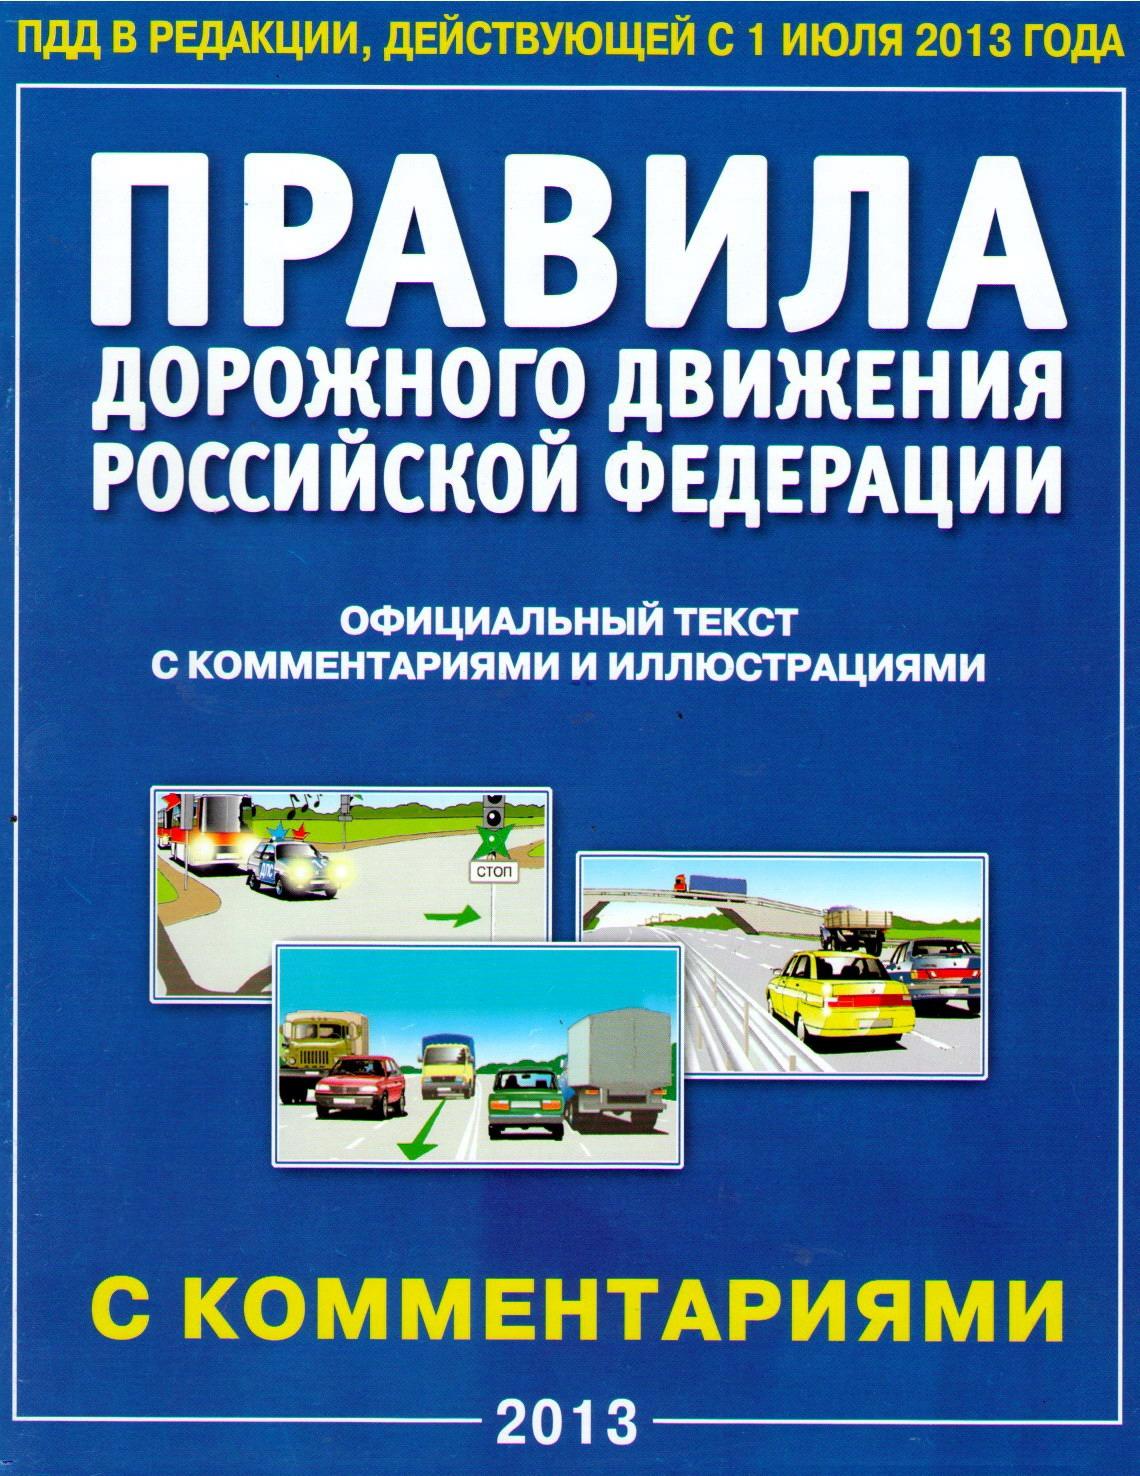 Учебник по Устройству и обслуживанию ...: severodvinska.net/forum/topic23283-225.html